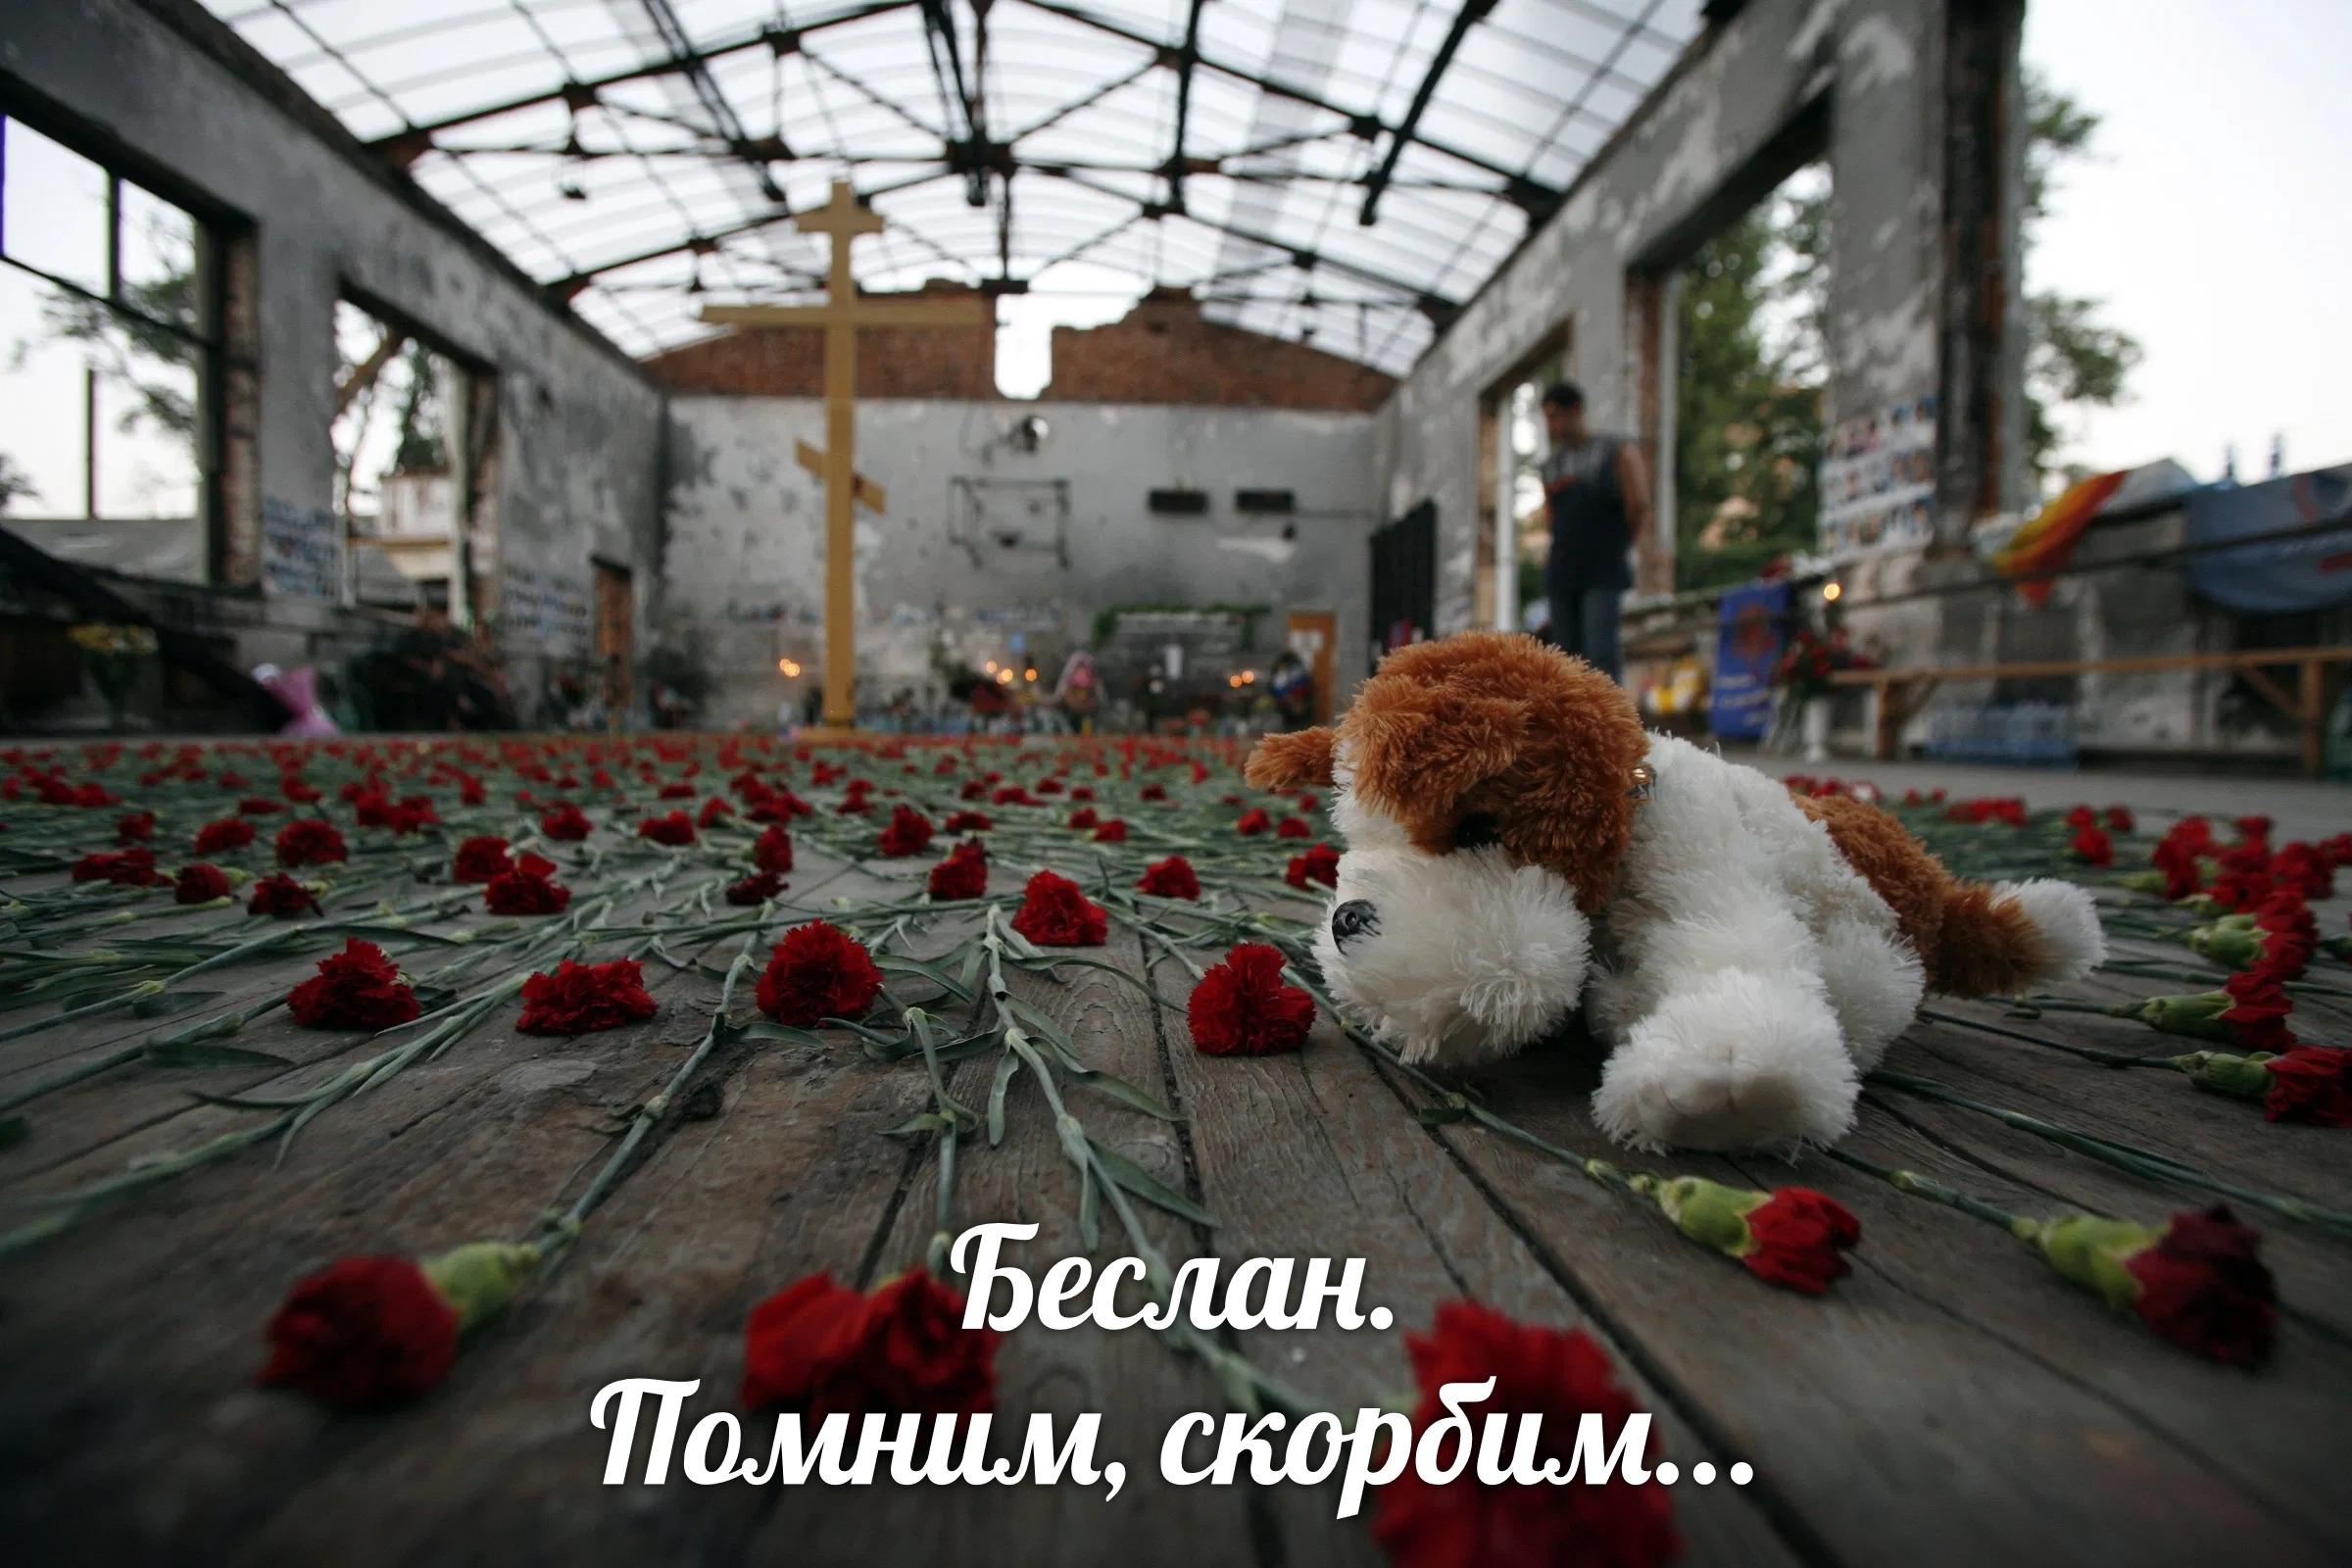 1 сентября в памяти россиян на долгие годы будет омрачено событиями 2004 года.